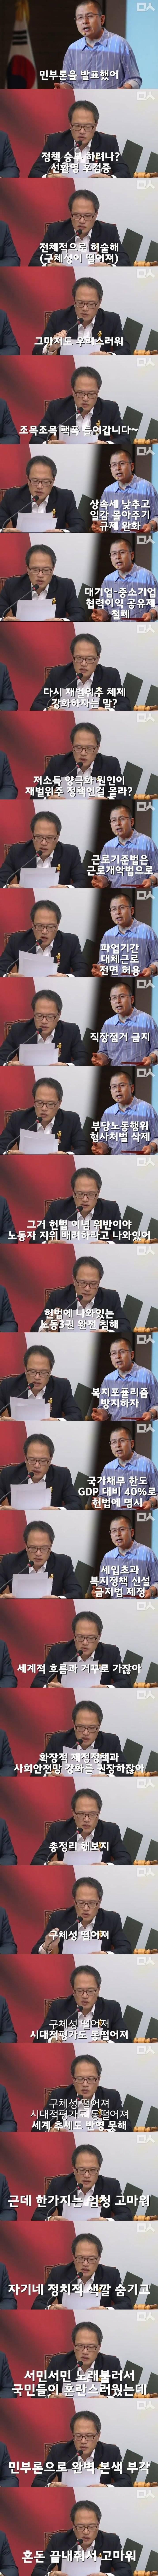 박주민의원 '민부론' 말끔 분석.jpg | 인스티즈